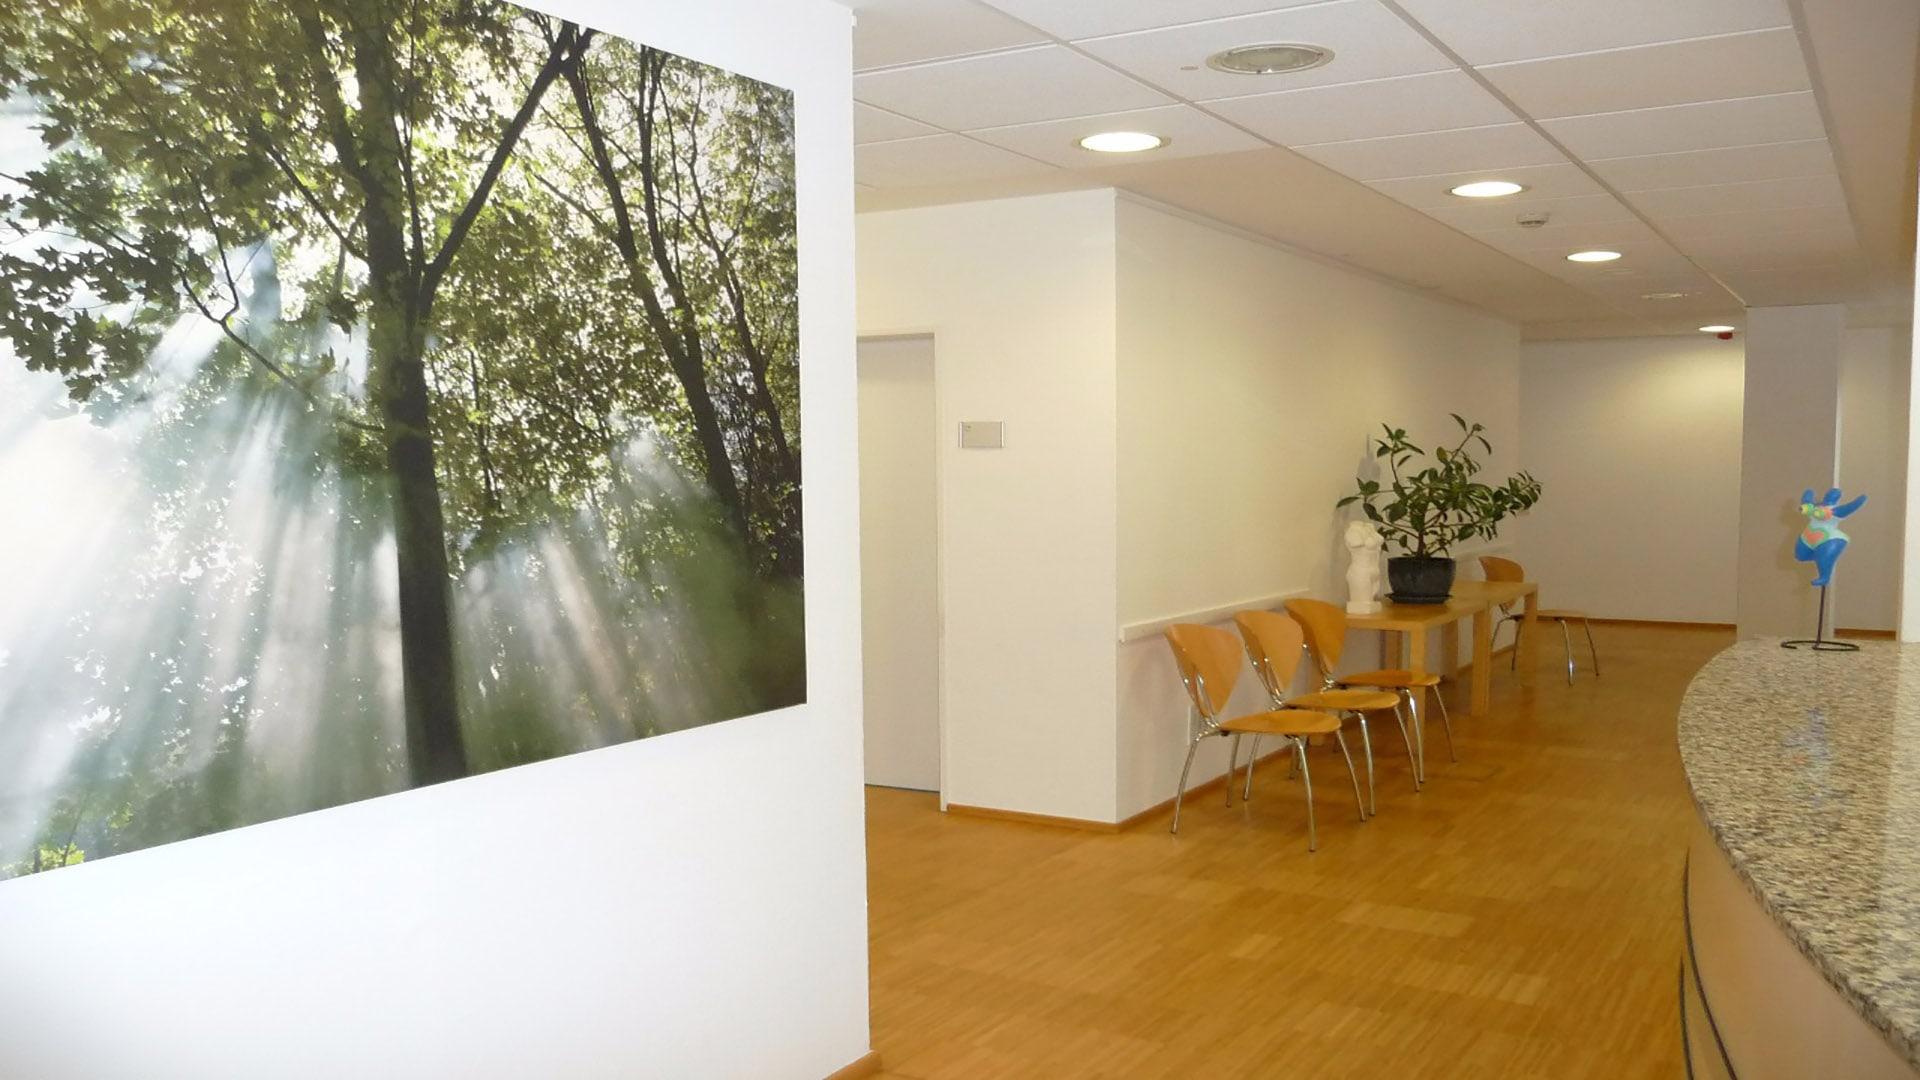 Madina Beschneidungspraxis in Köln